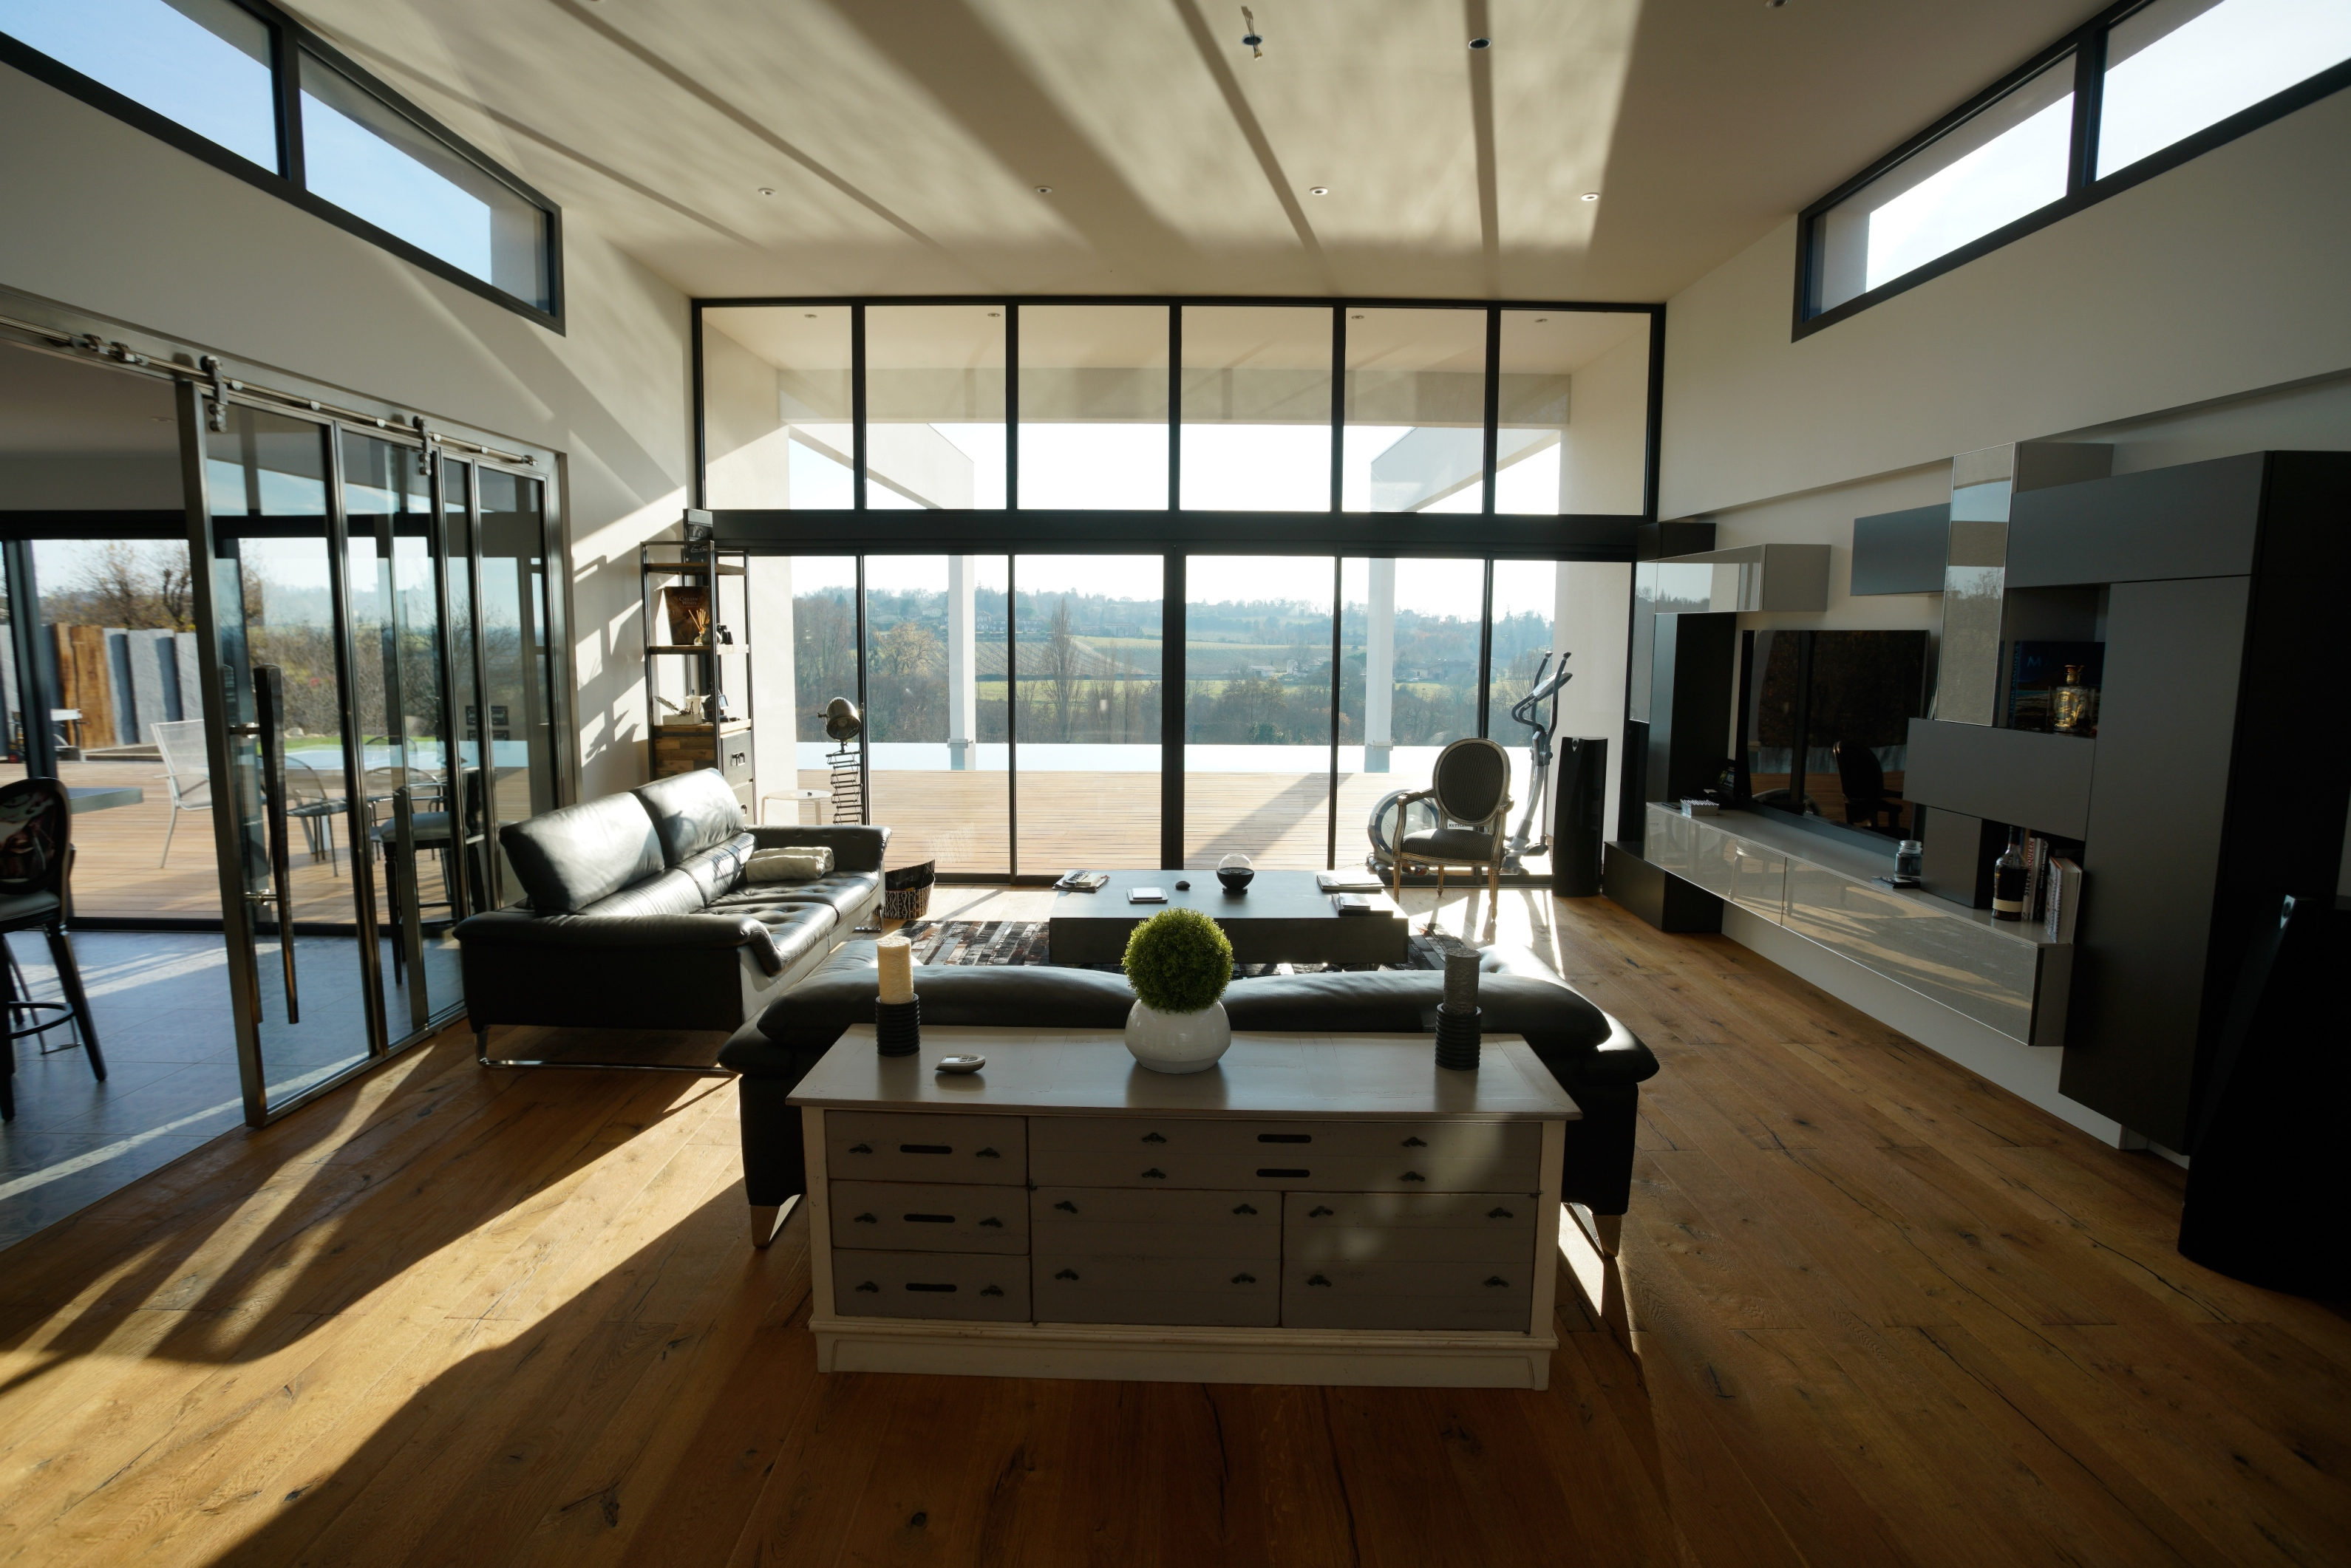 actis isolants alv olaires innovants au service du bien tre fpa. Black Bedroom Furniture Sets. Home Design Ideas